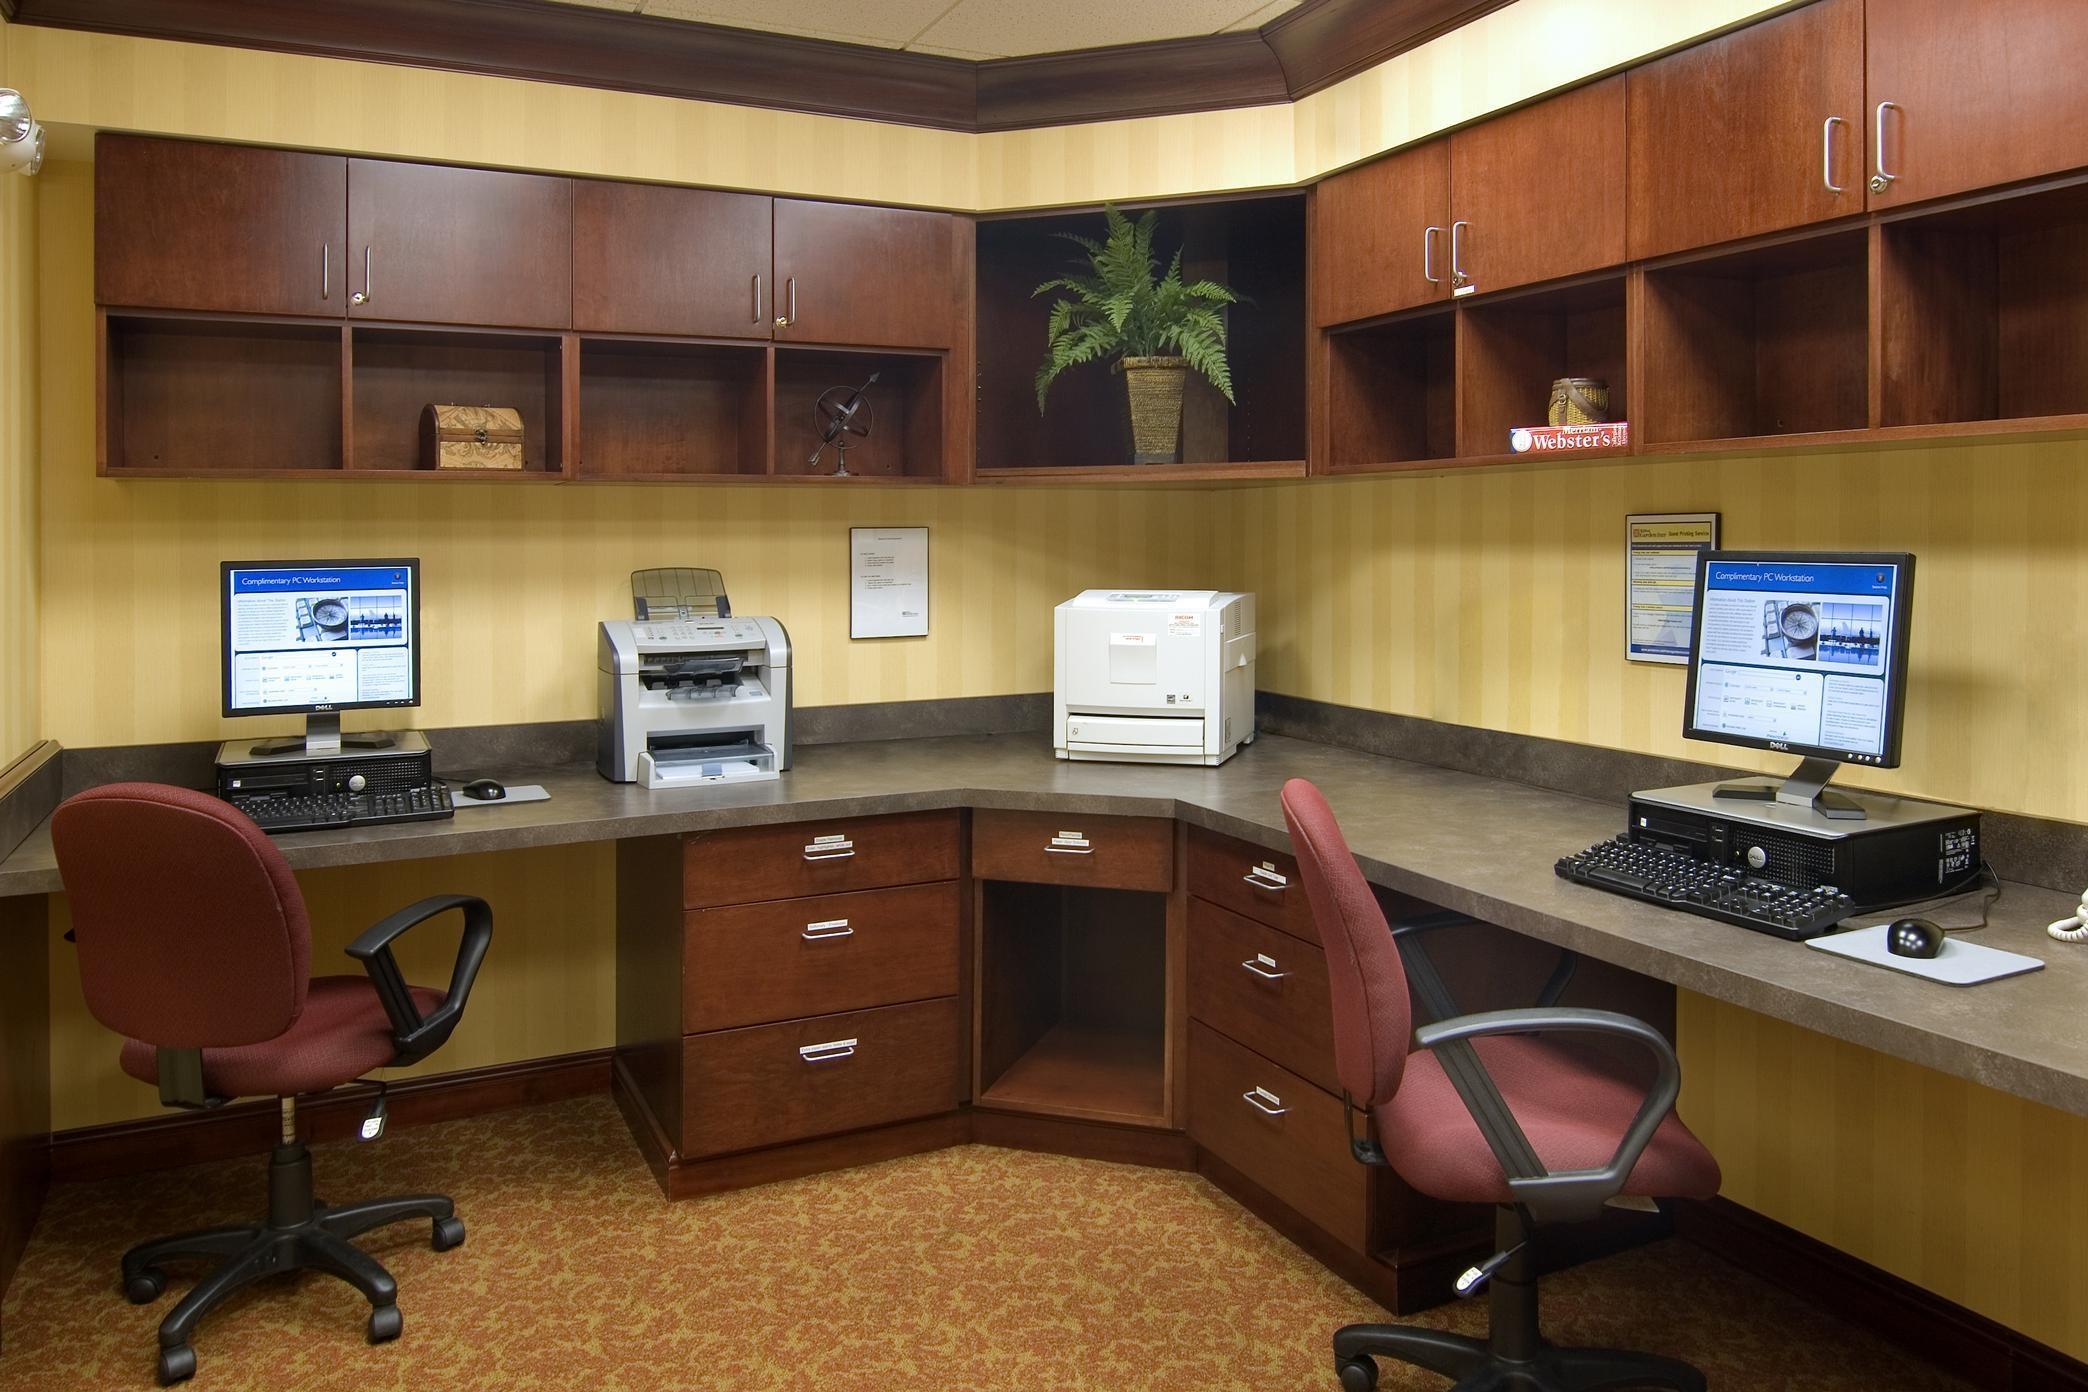 Hilton Garden Inn Clarksburg image 14